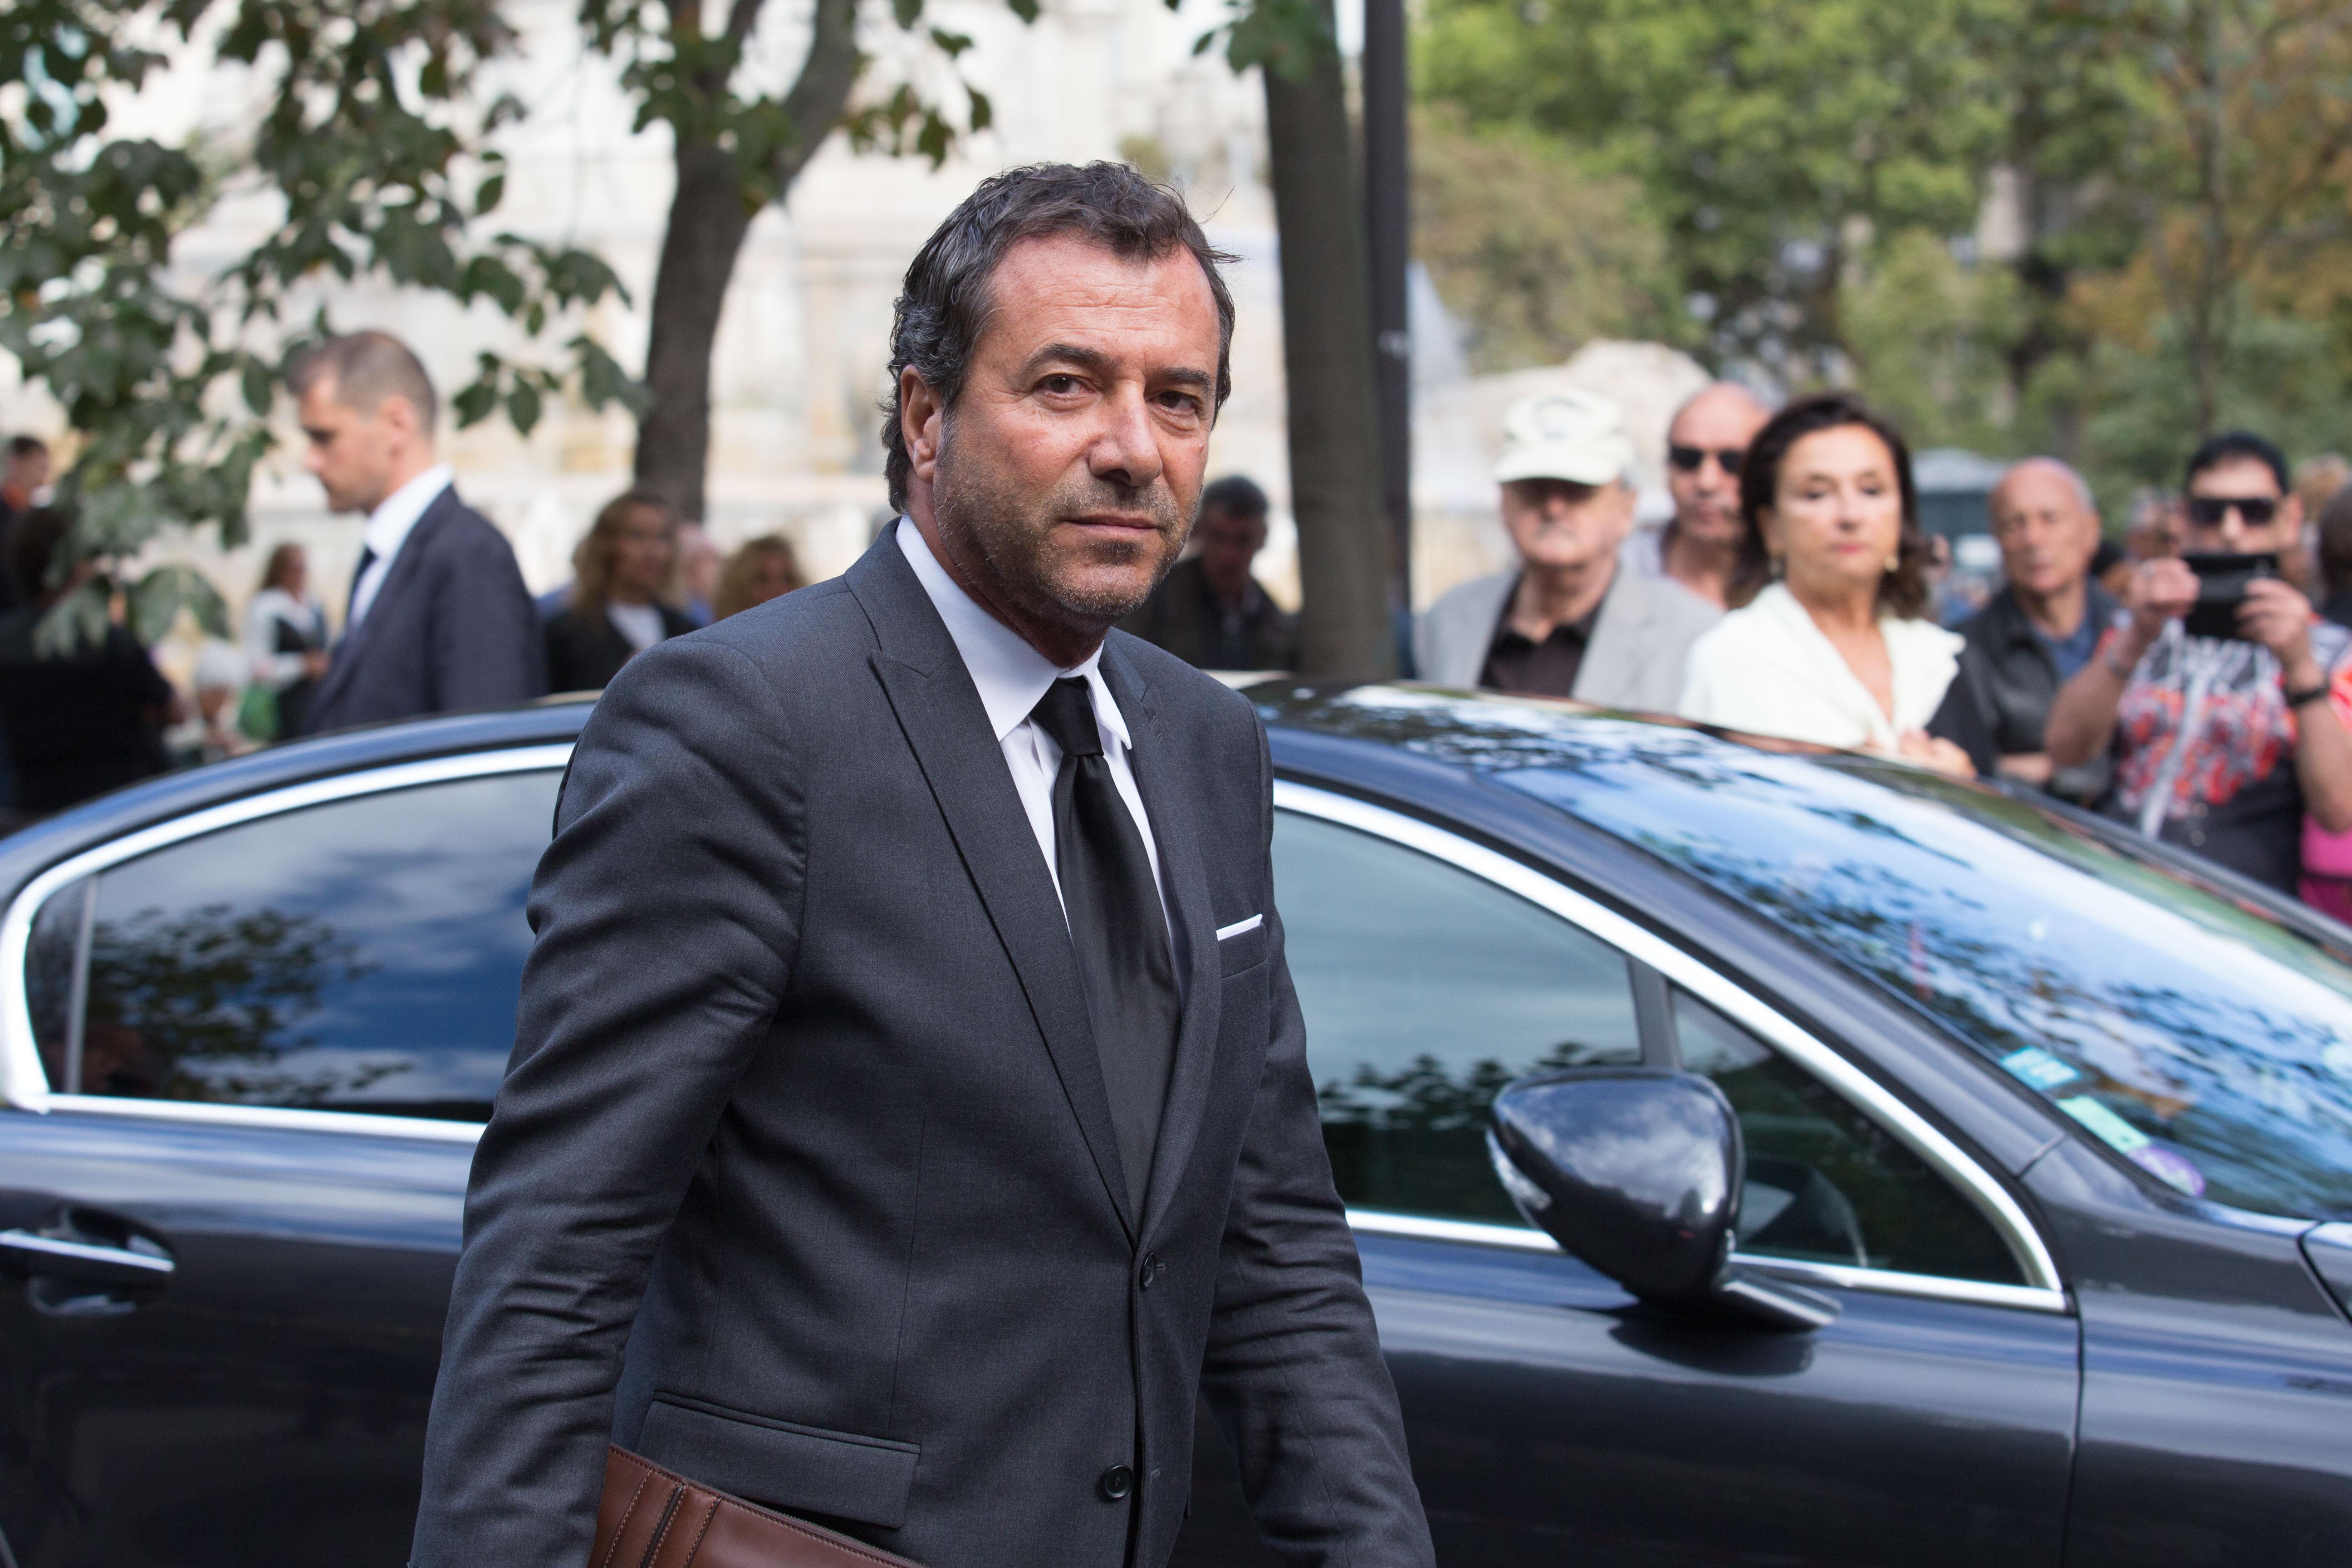 L'acteur français Bernard Montiel assiste aux funérailles de Mireille Darc à l'Eglise Saint Sulpice, septembre 2017 à Paris   Photo : Dropbox